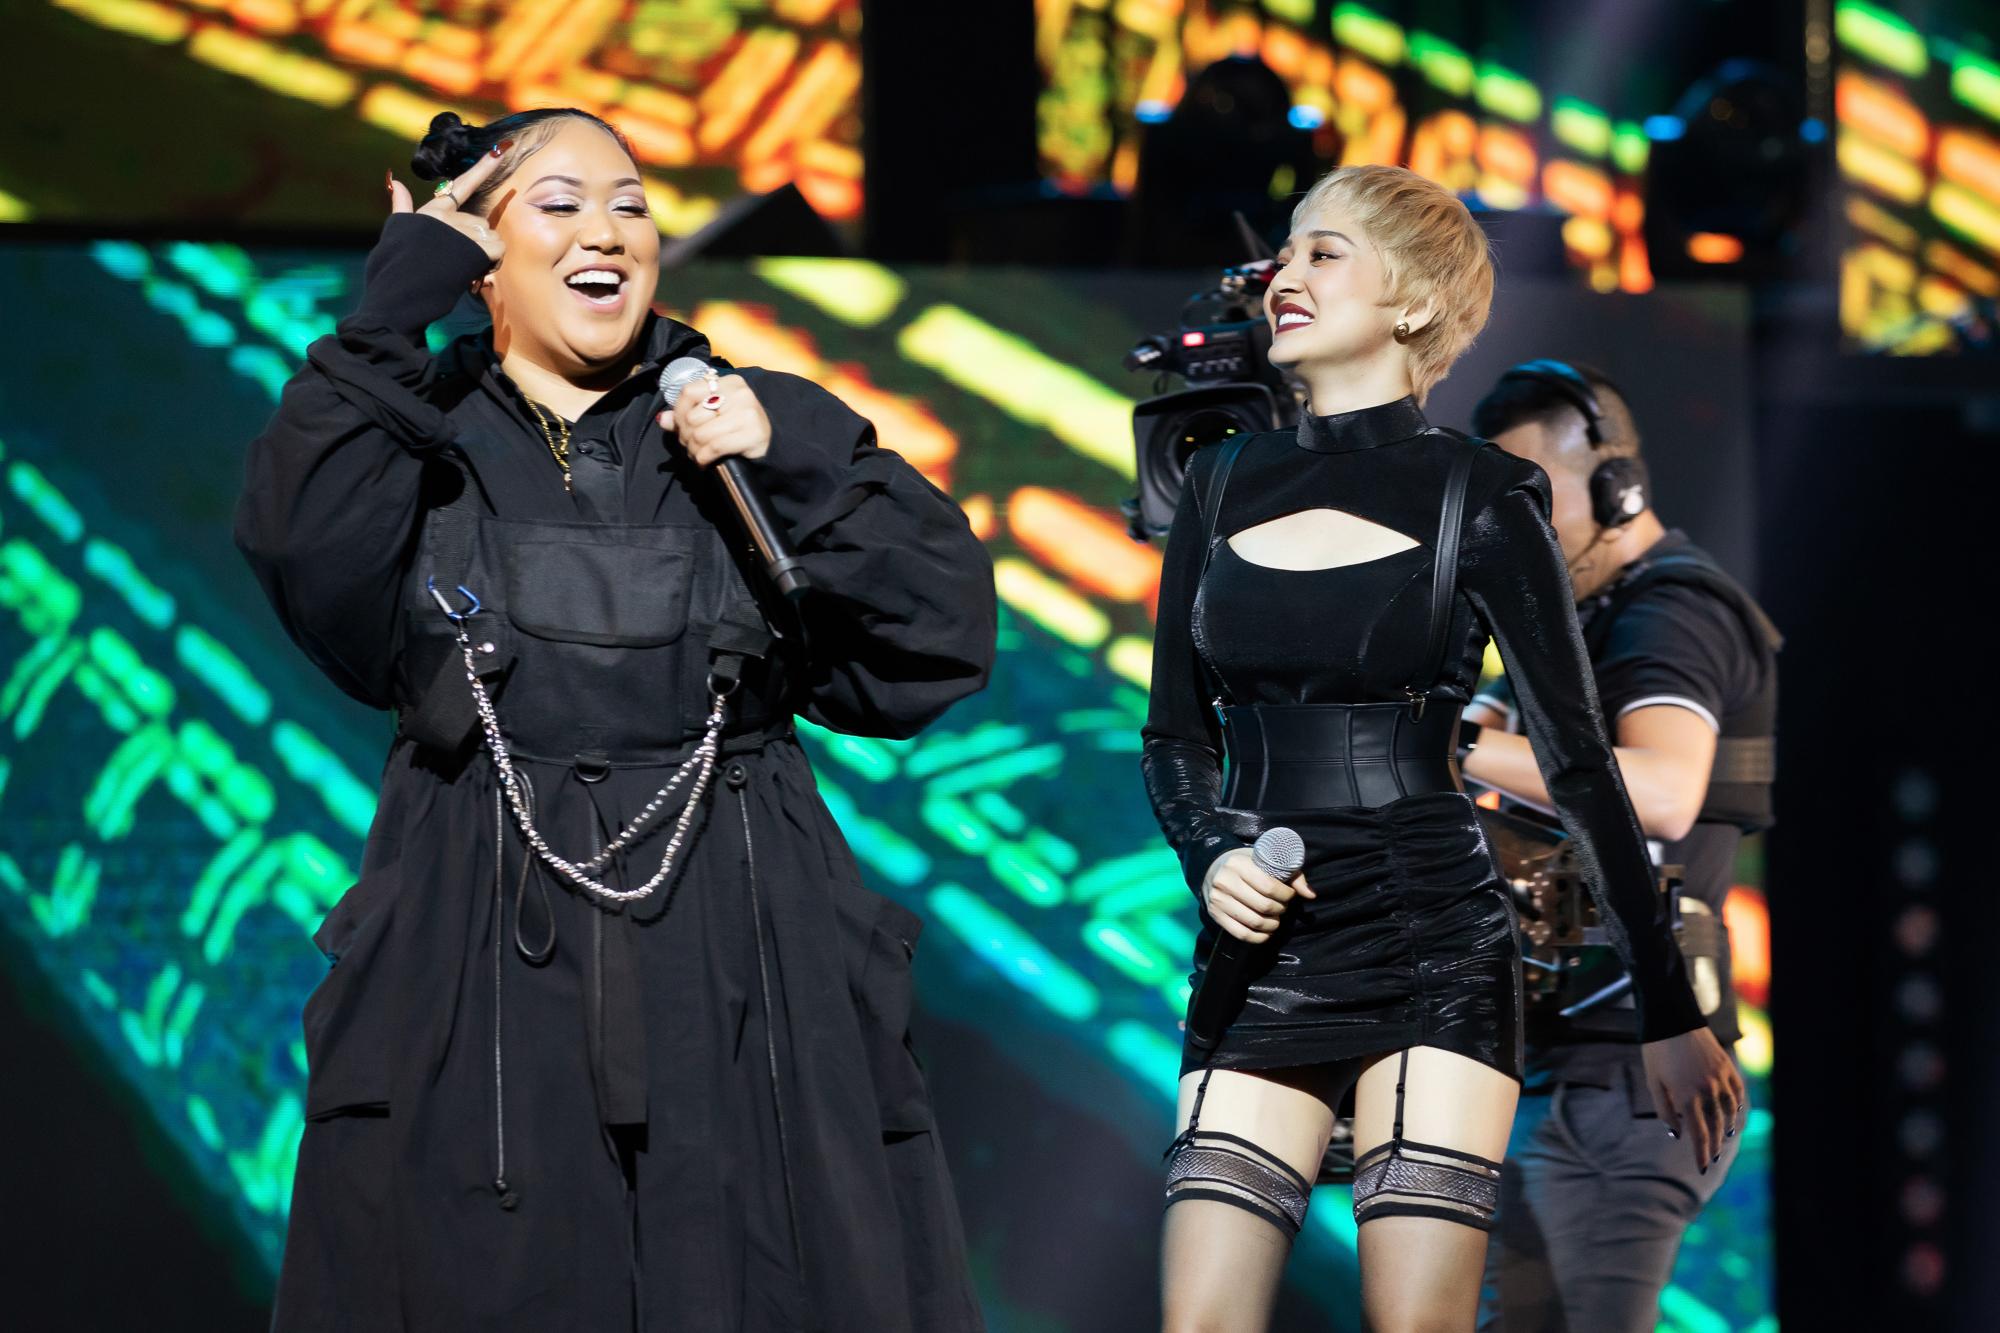 Brittanya Karma từng được khán giả yêu mến sau khi có màn kết hợp với nữ ca sĩ Bảo Anh trong sản phẩm âm nhạc Lười yêu.